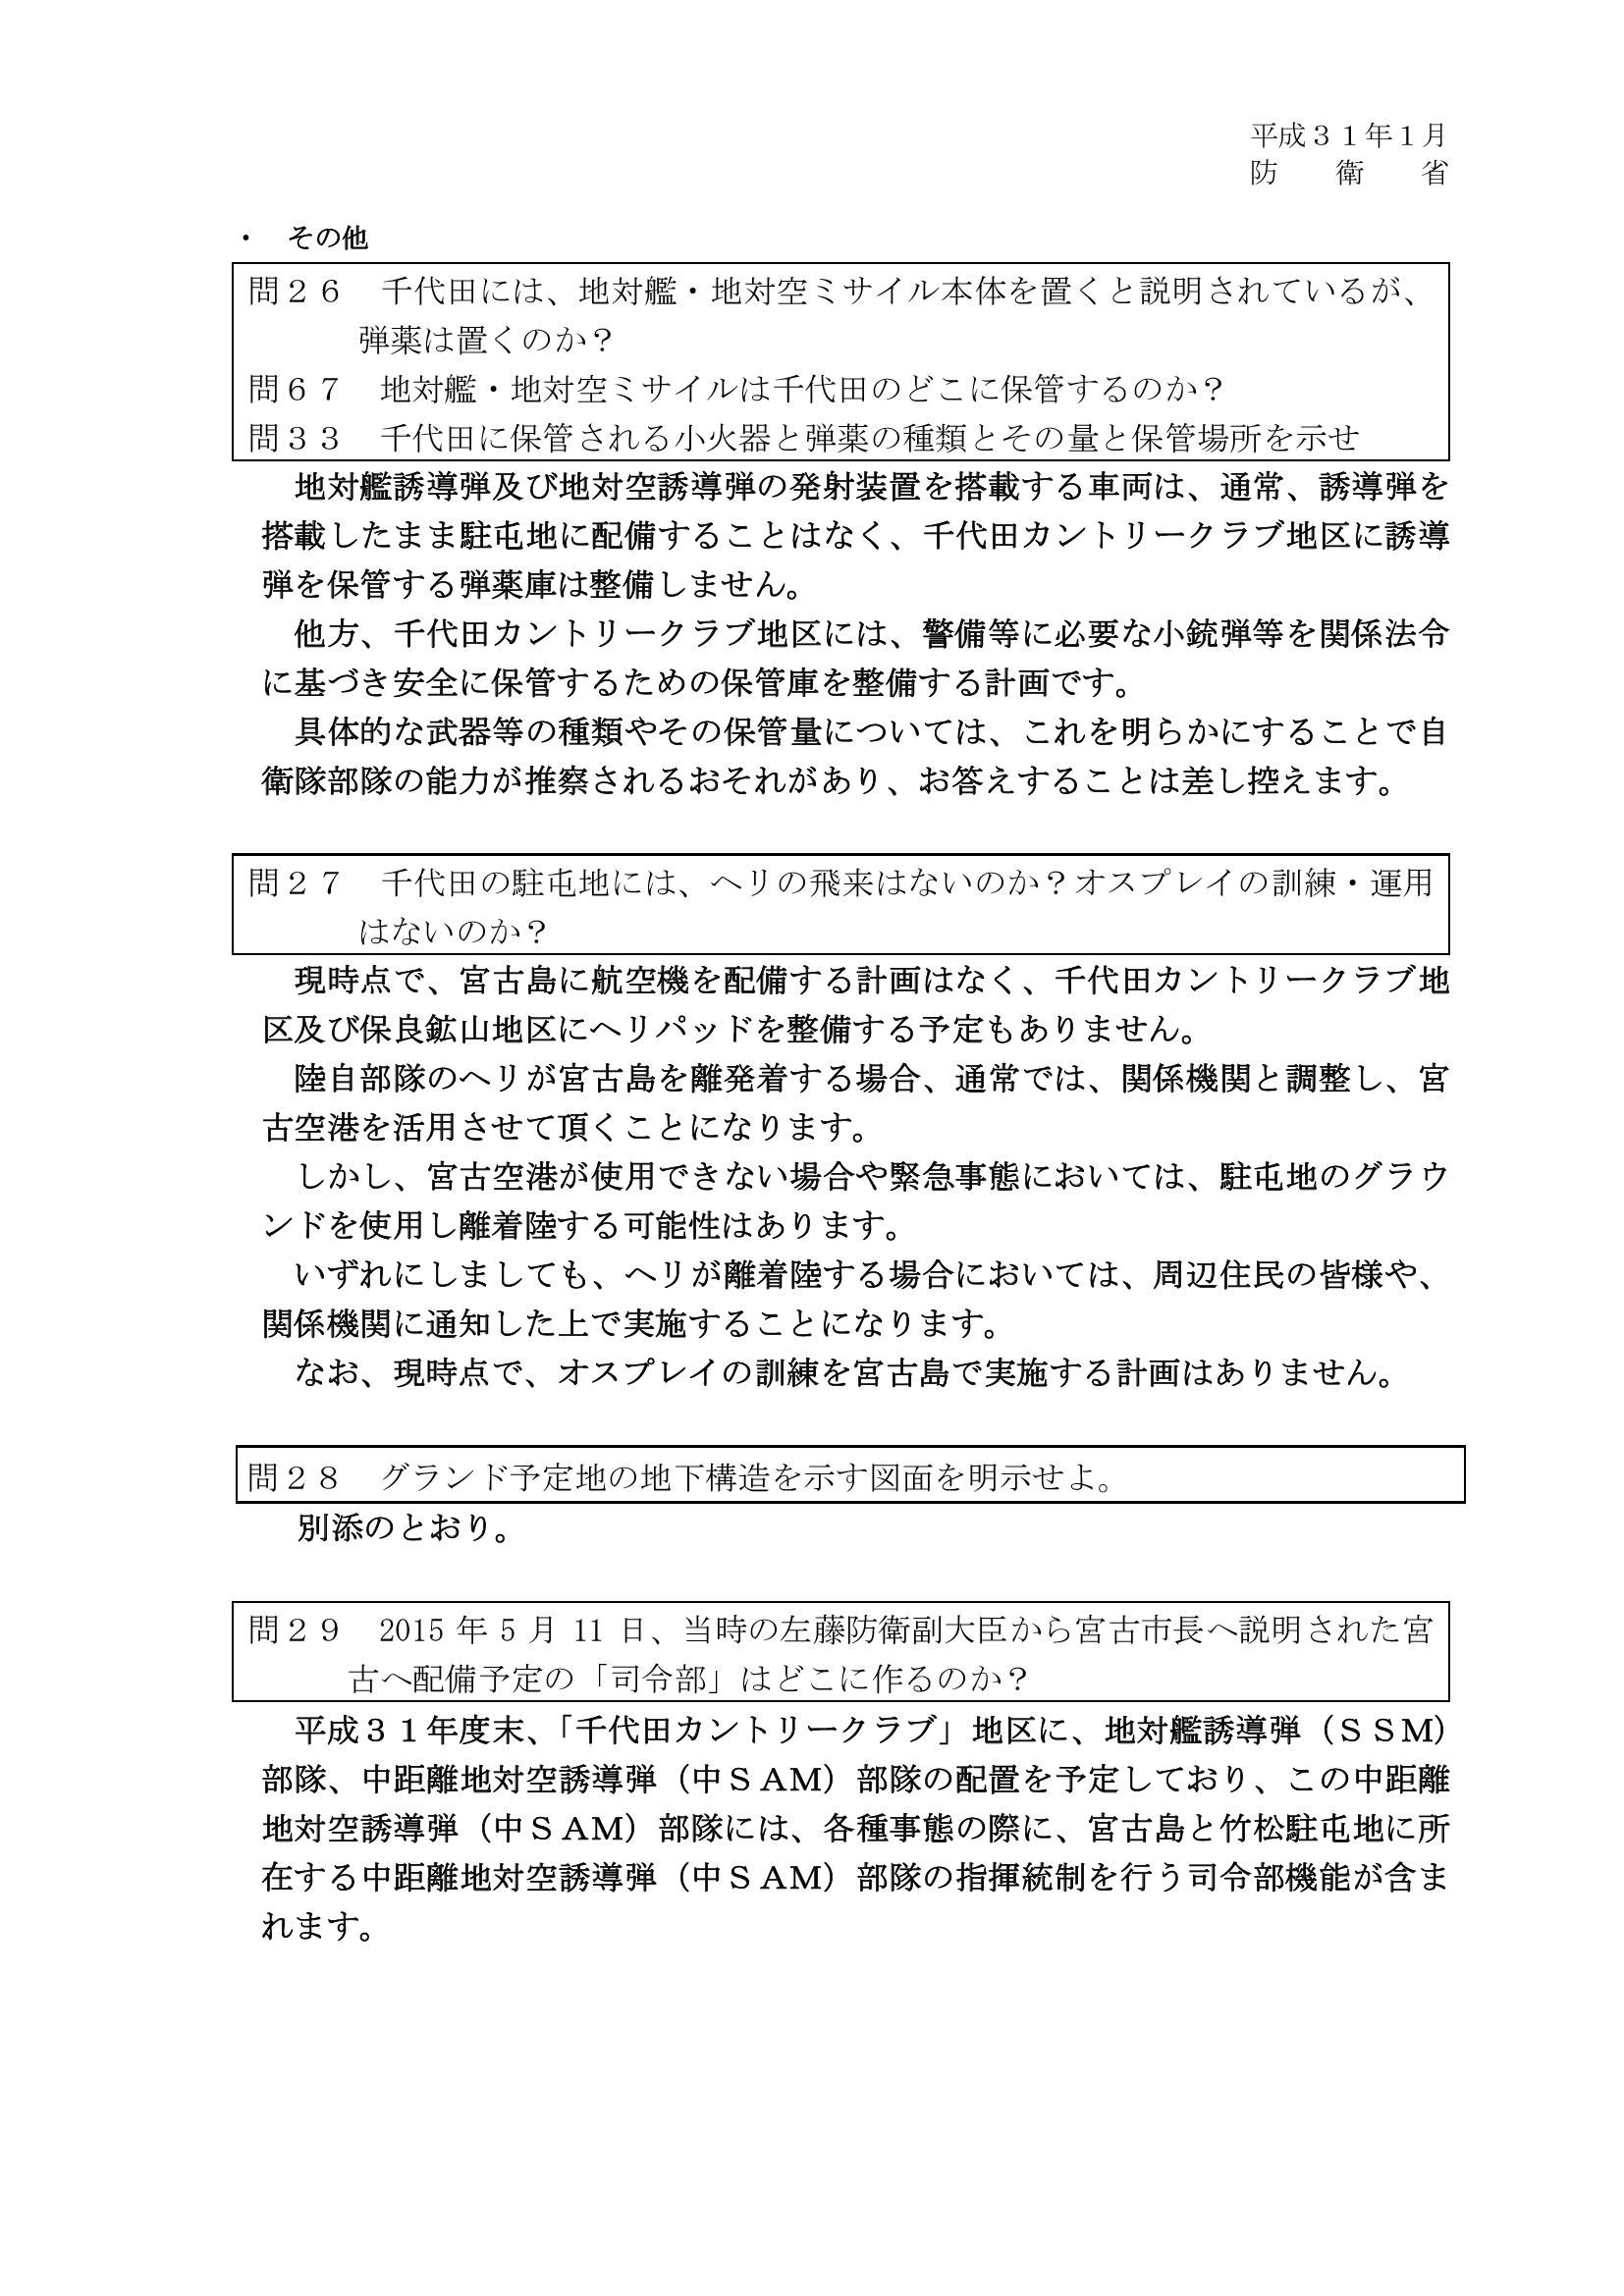 201901防衛省回答0006